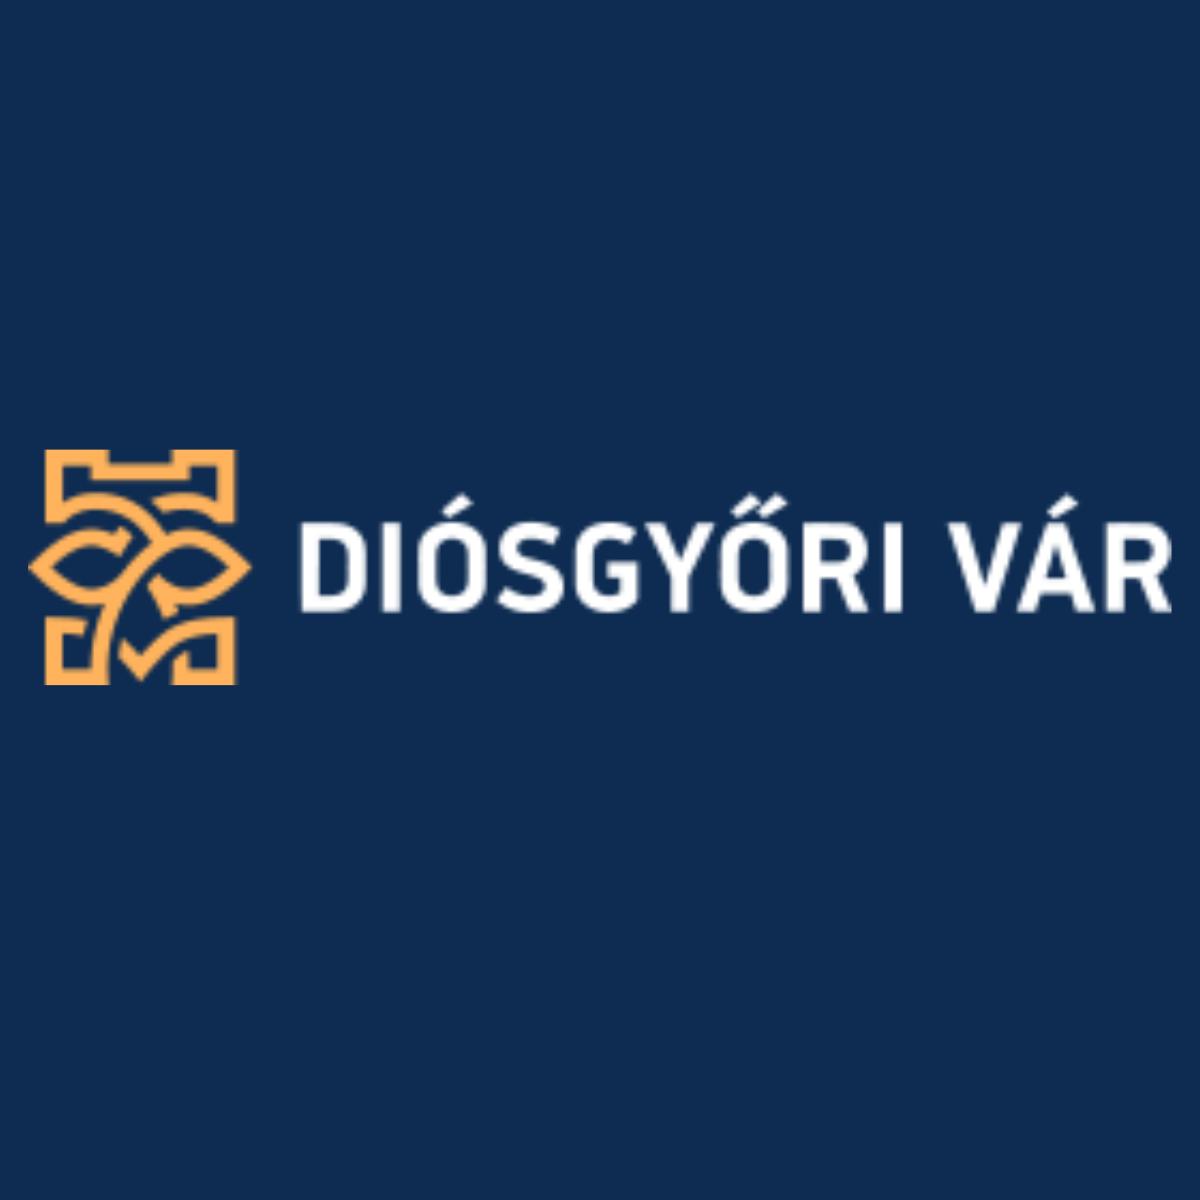 Diósgyőri vár - online marketing, főkép